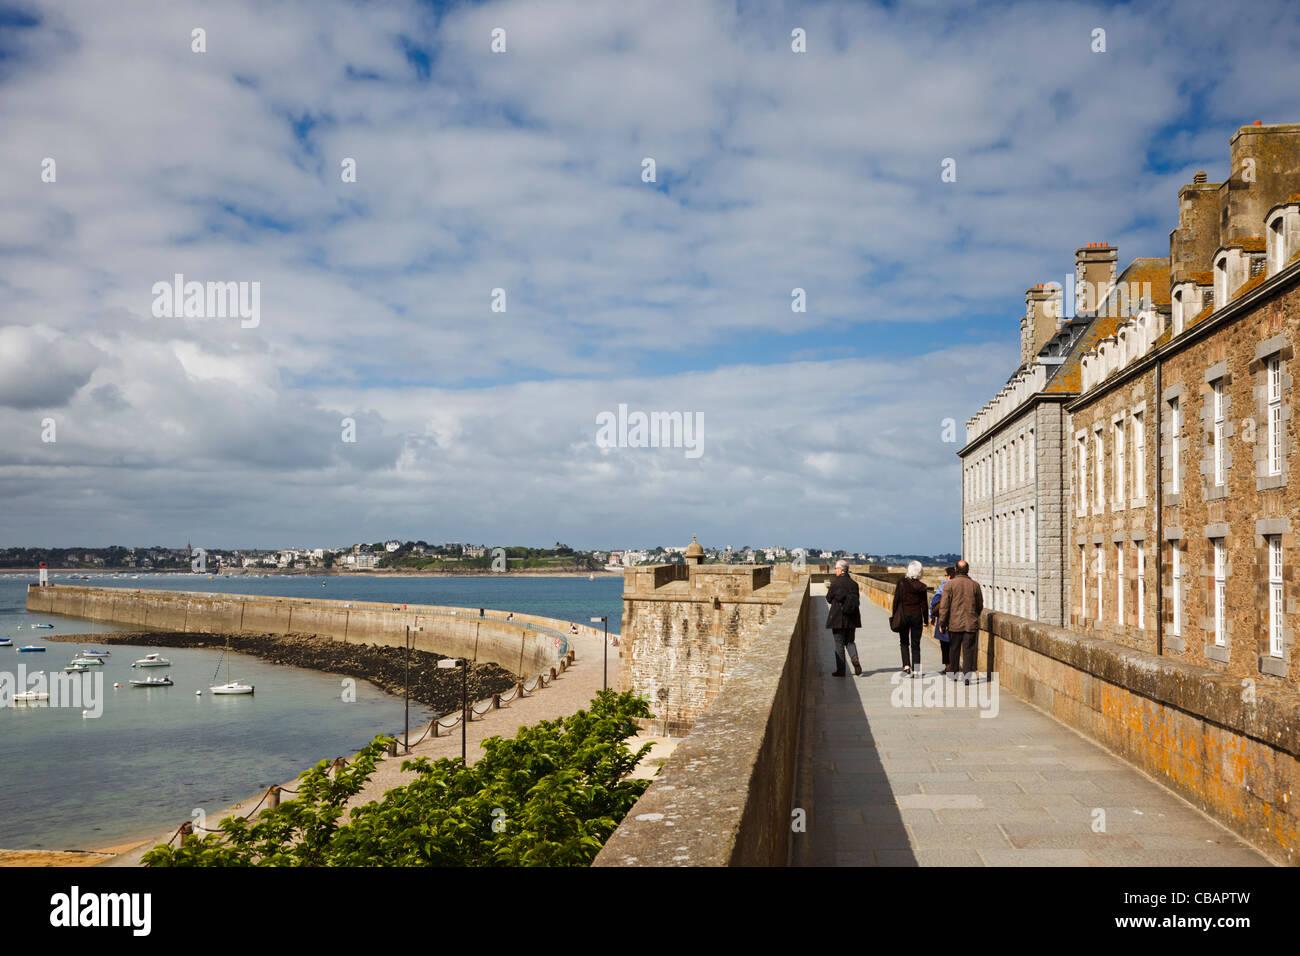 St Malo, Brittany, Francia - i turisti a piedi lungo le mura della città Immagini Stock